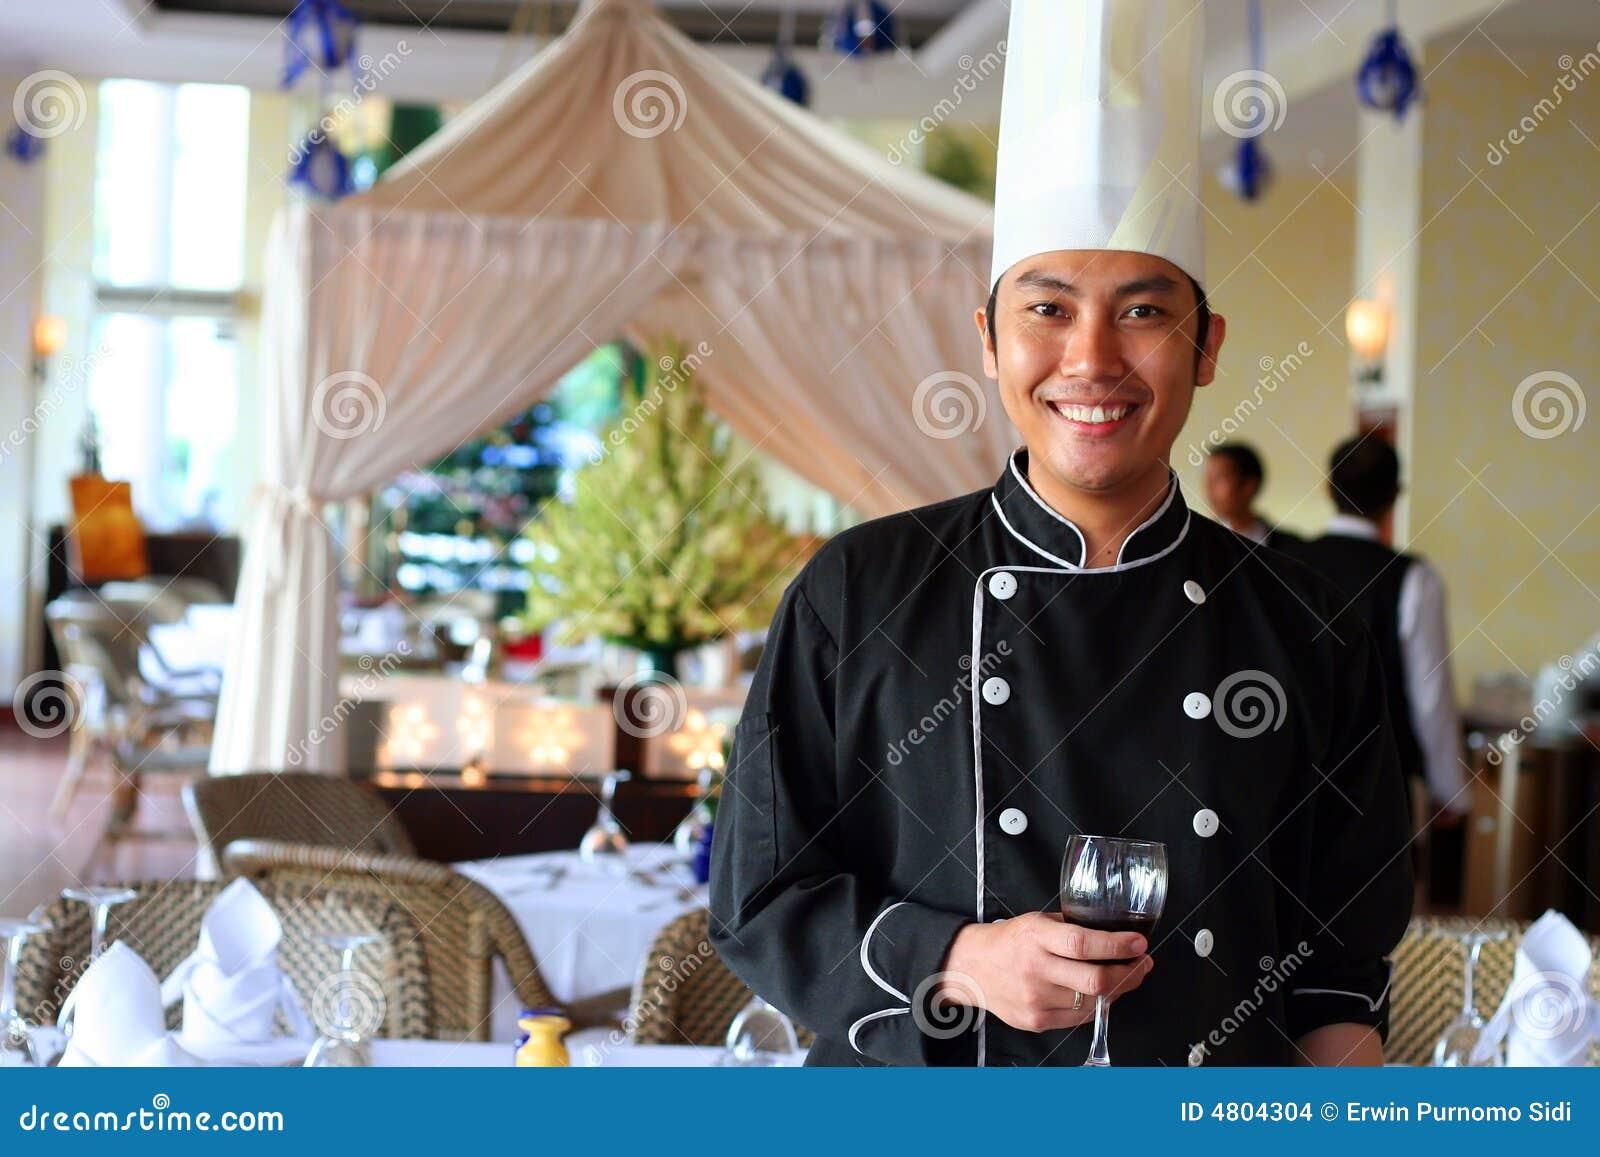 Chefgruß an der Gaststätte